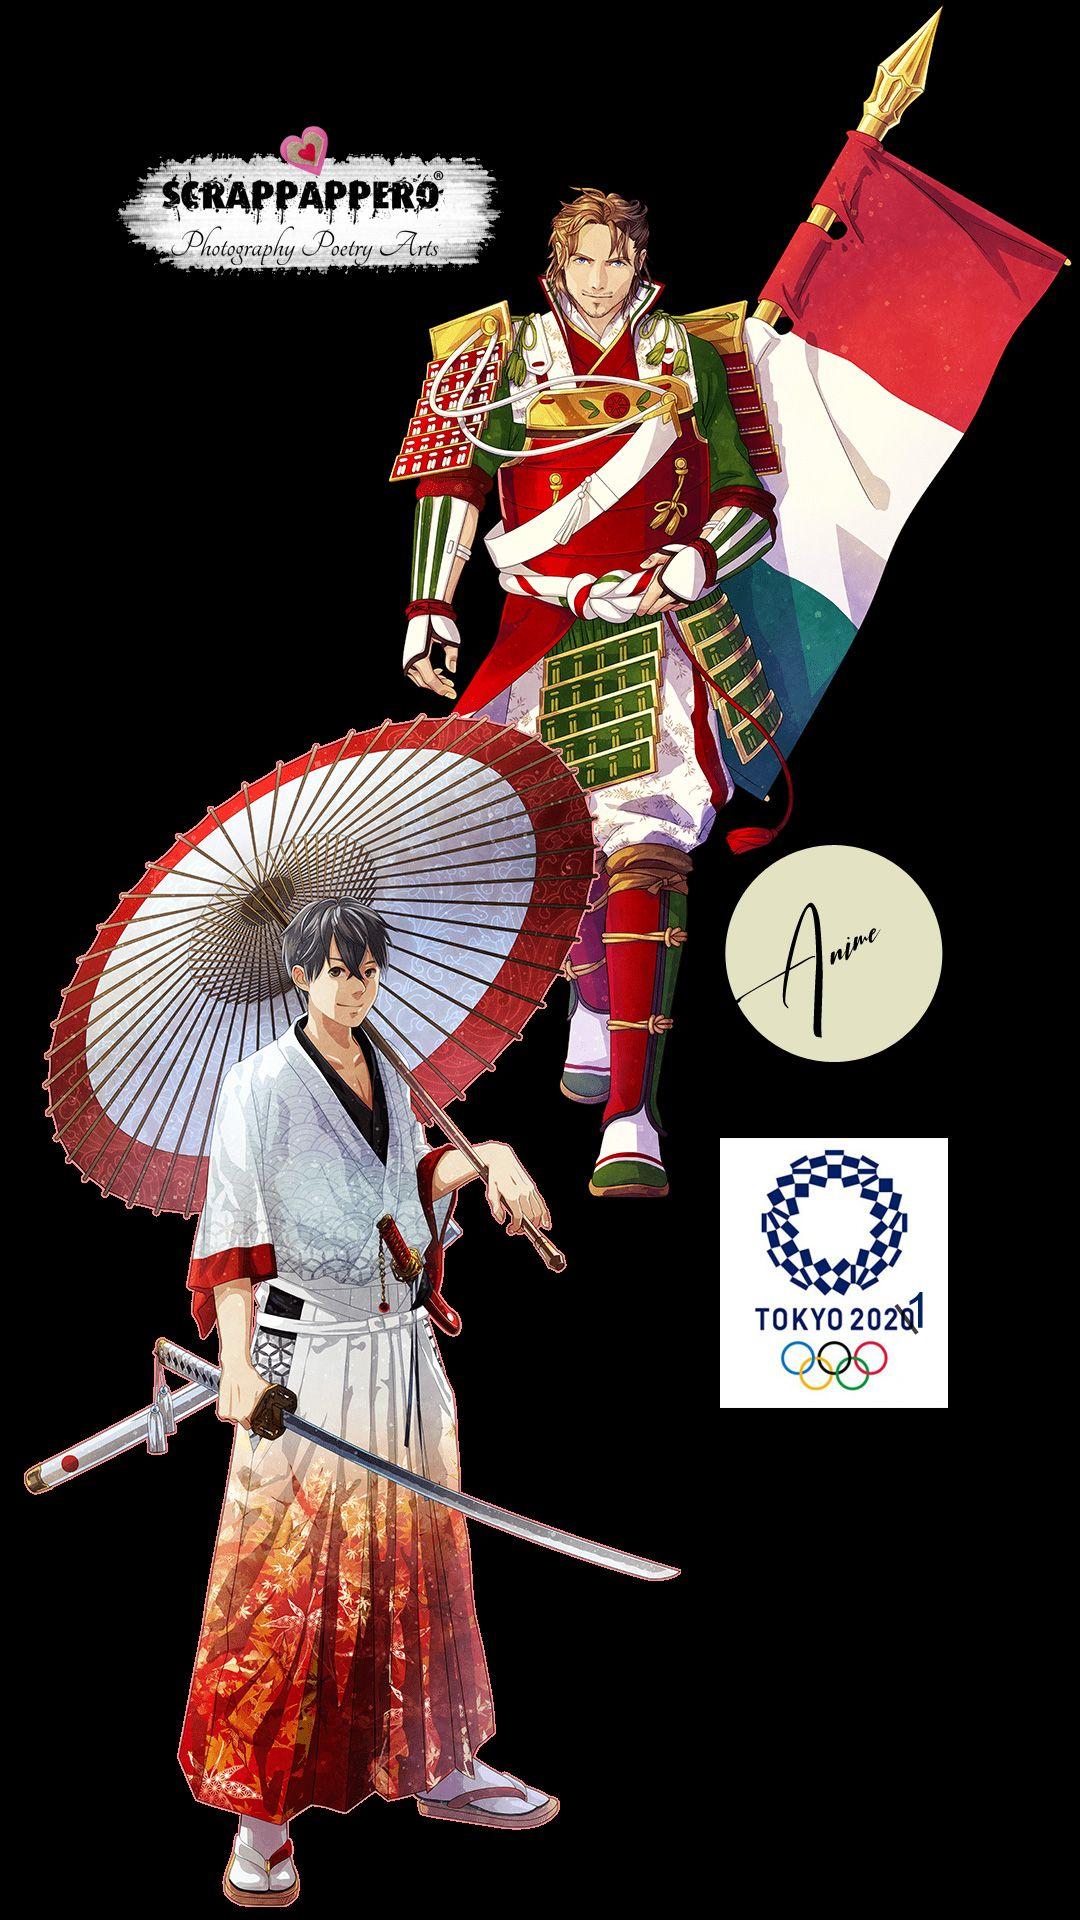 Illustrazioni Anime per le olimpiadi di Tokyo 2021 nel